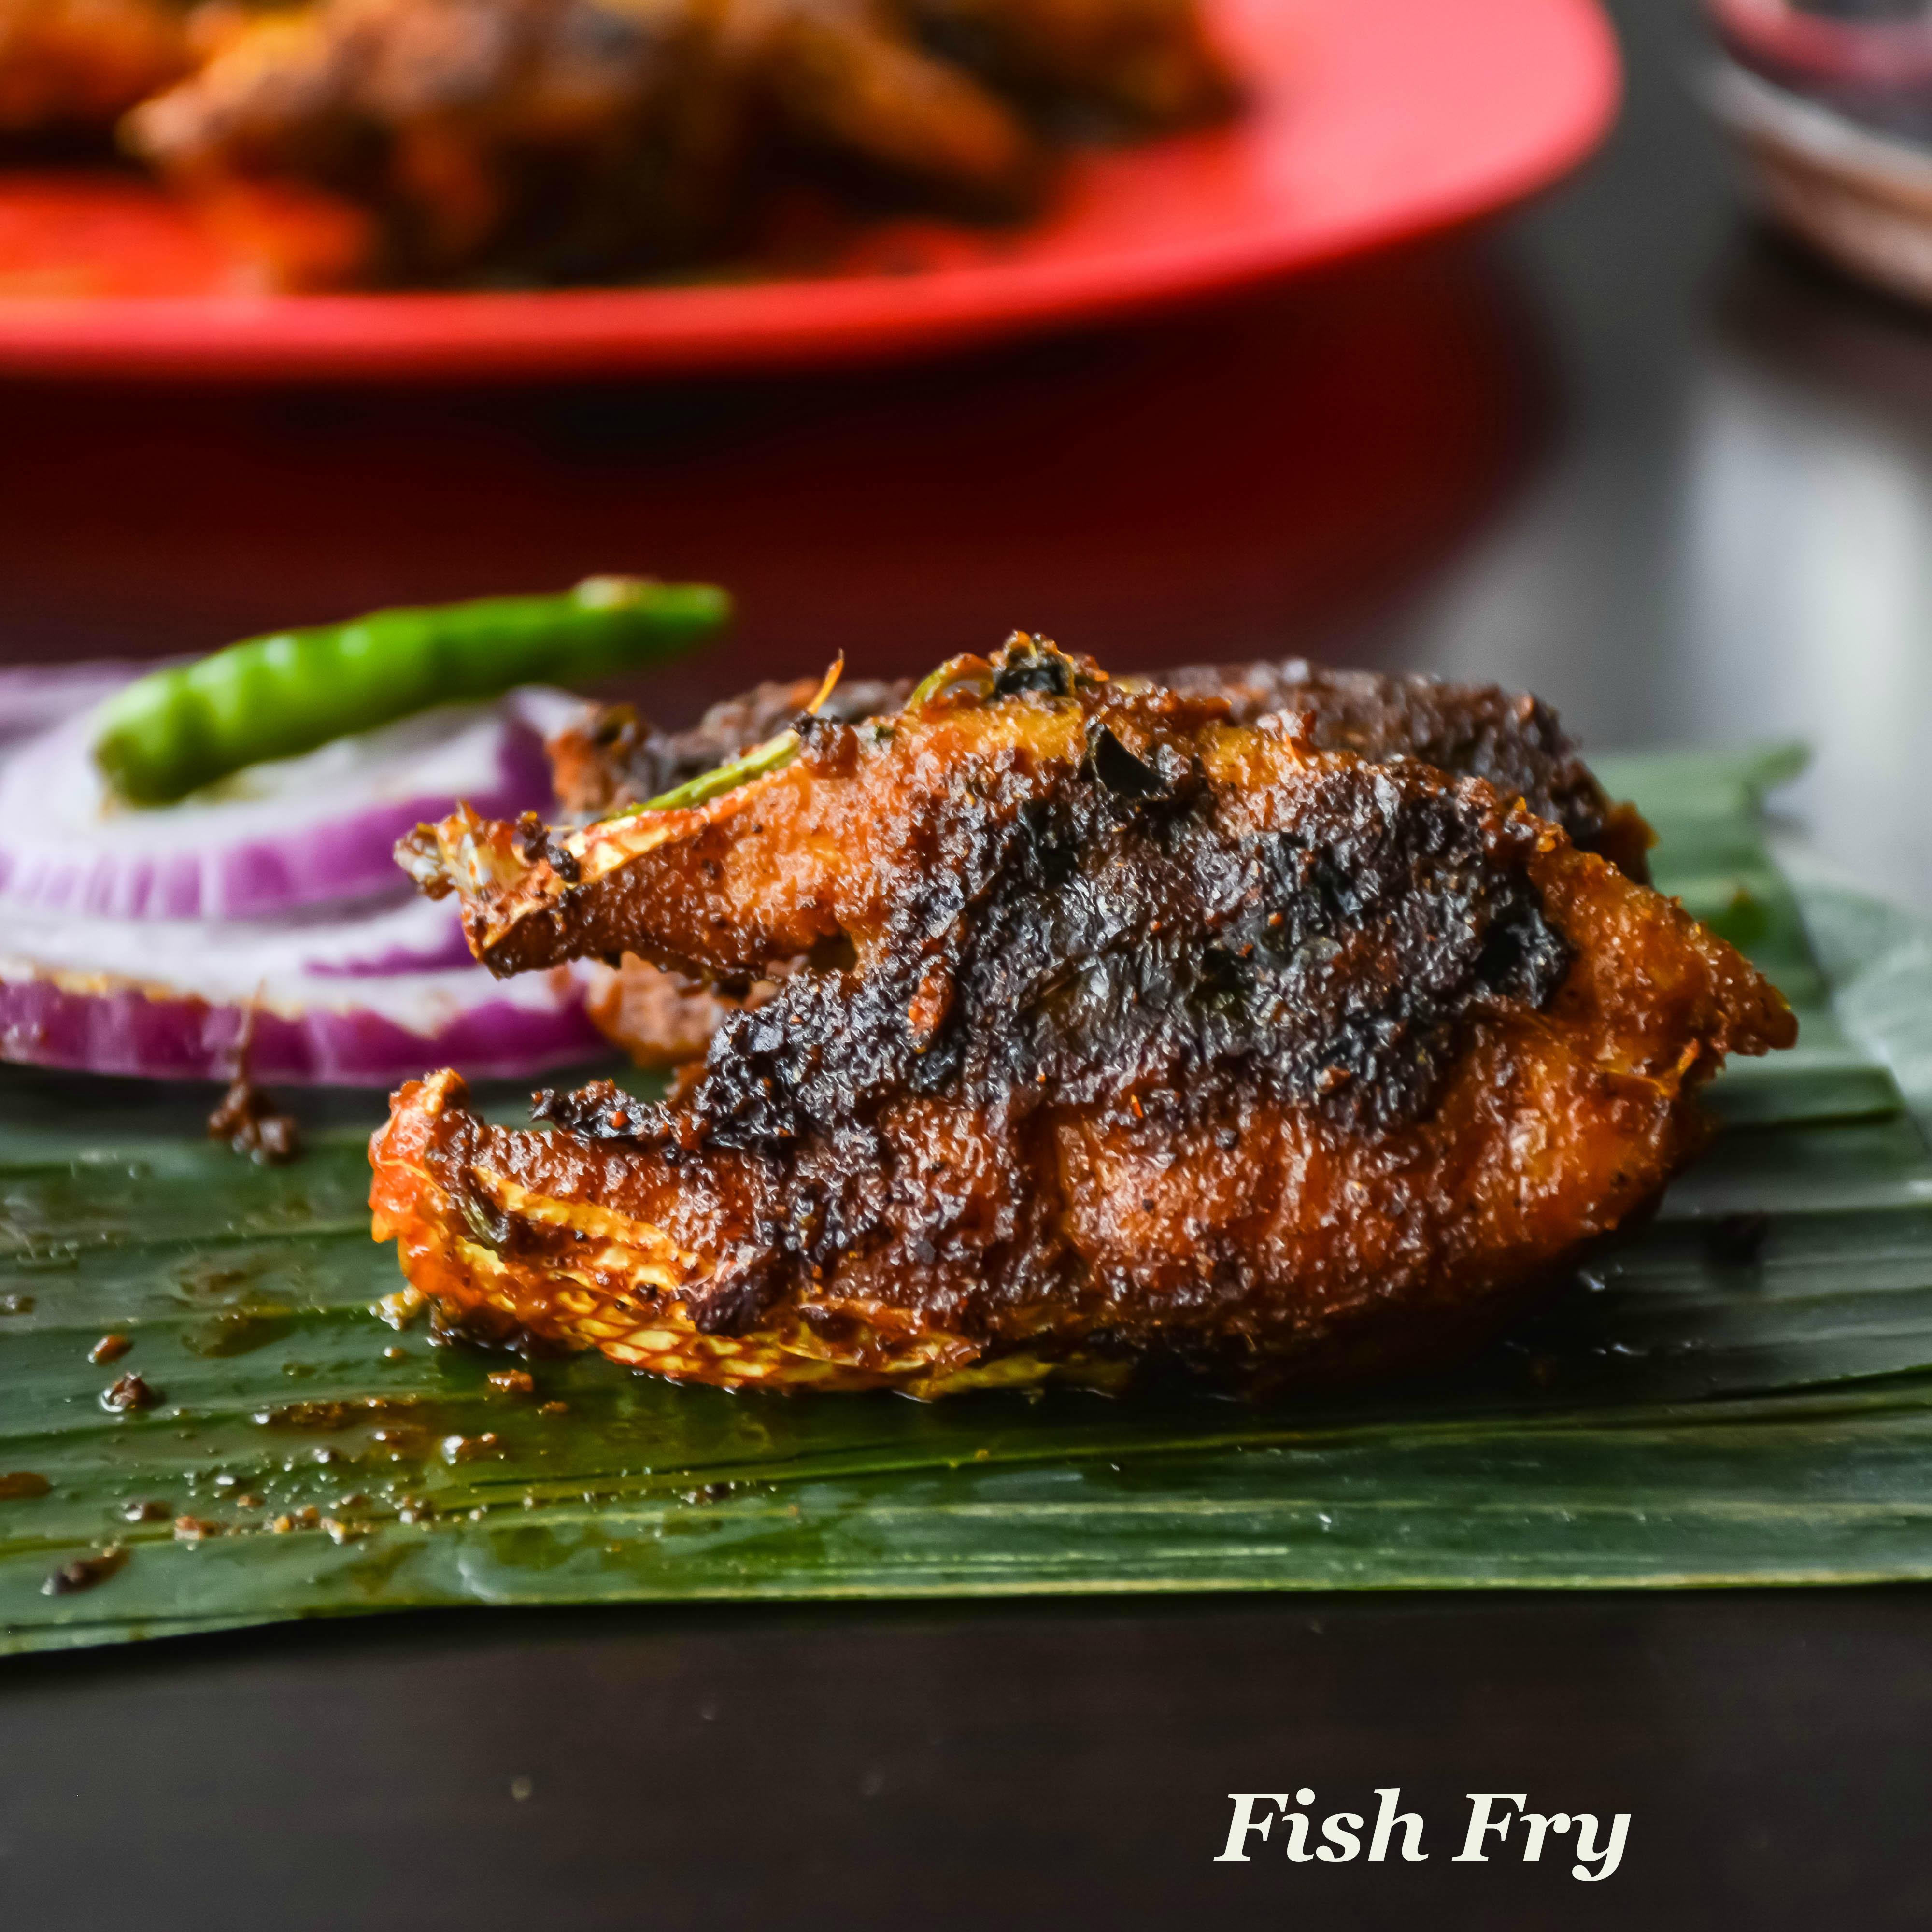 chettinadu meen kuzhambu fish curry relish the bite more from my site